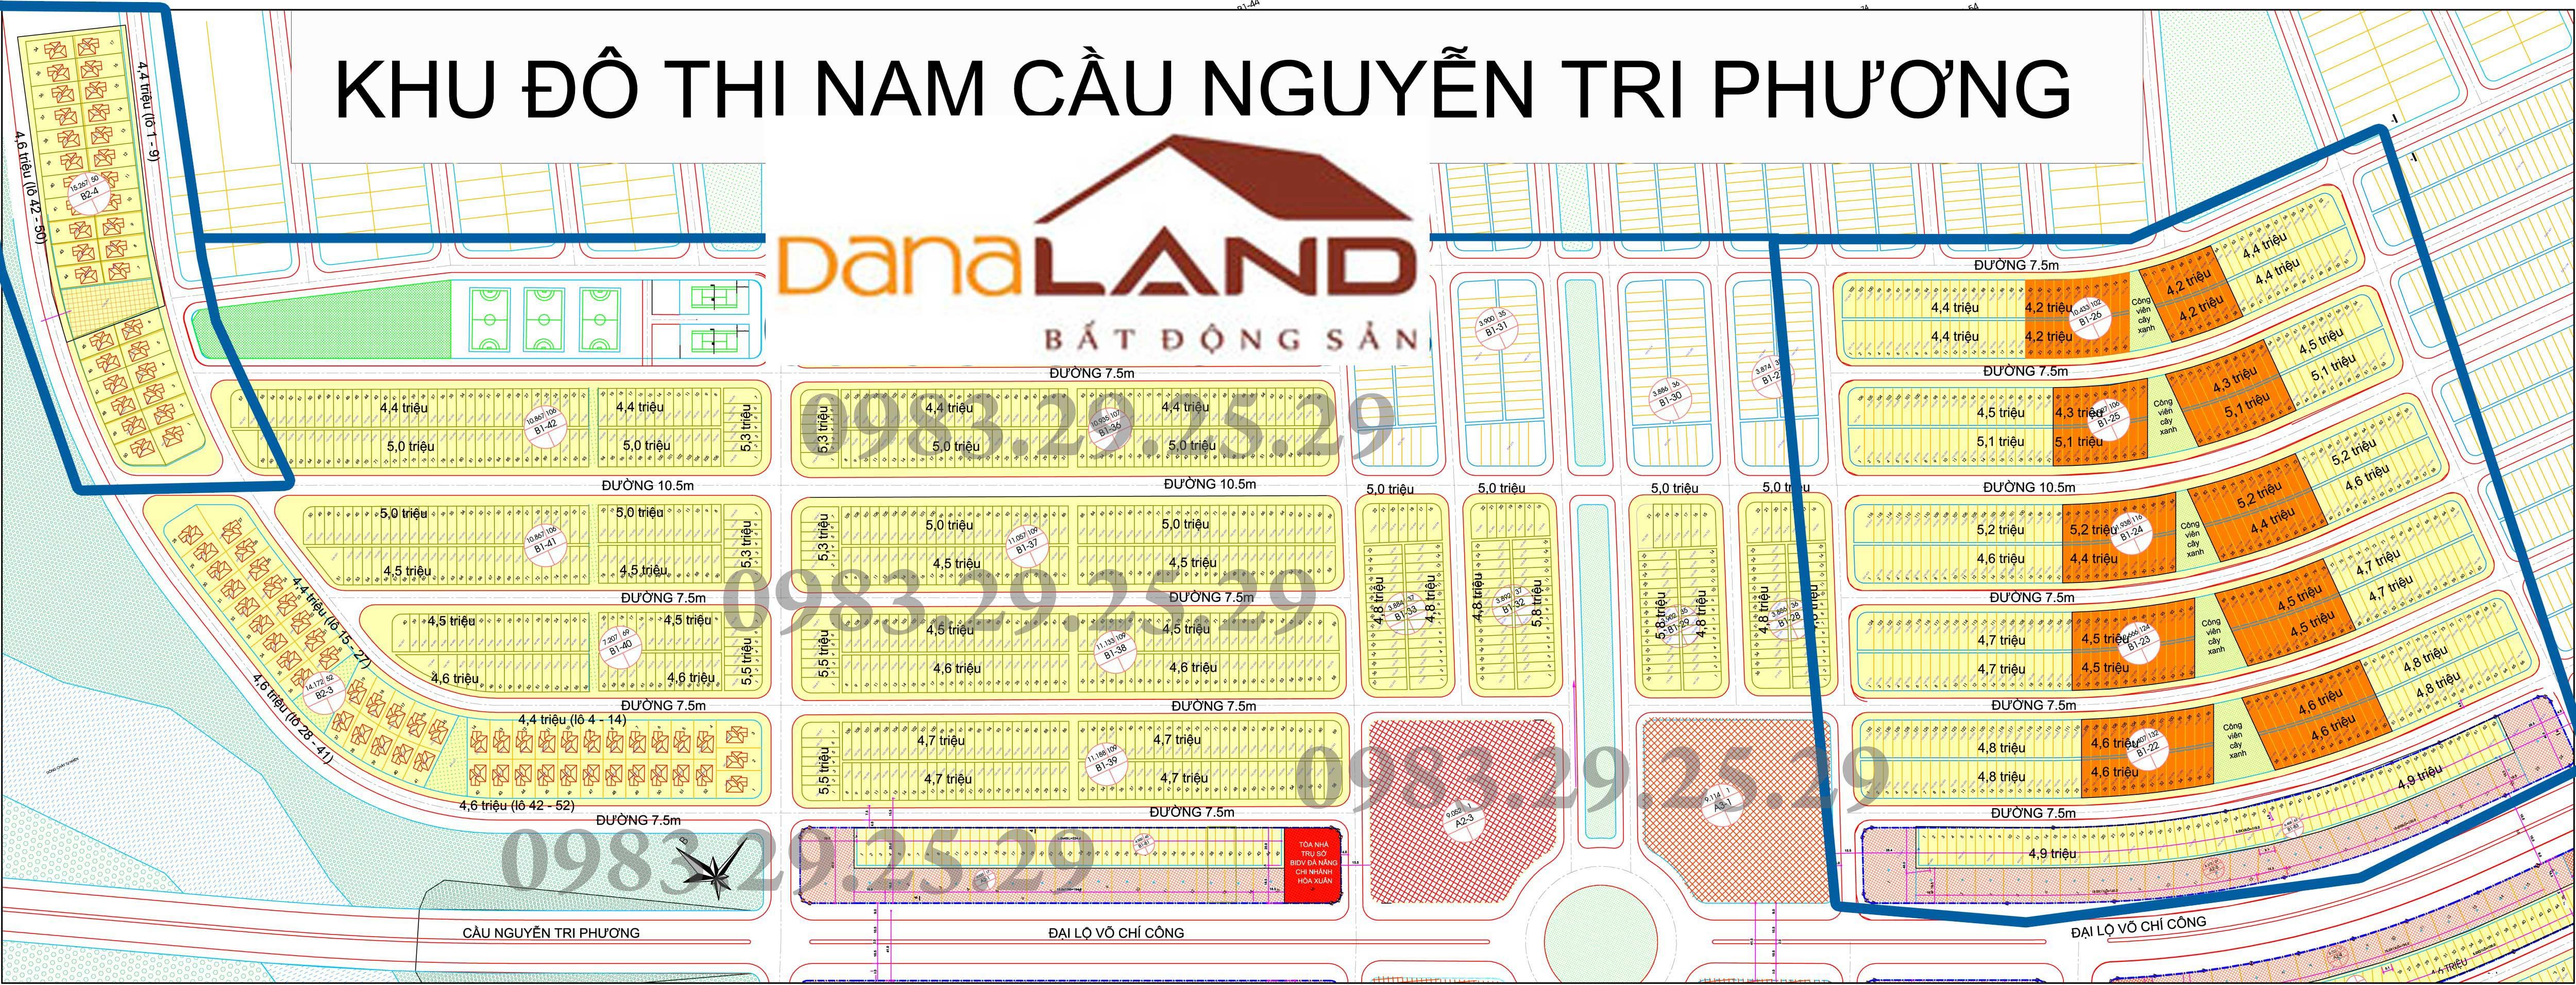 Click để xem bản đồ dự án